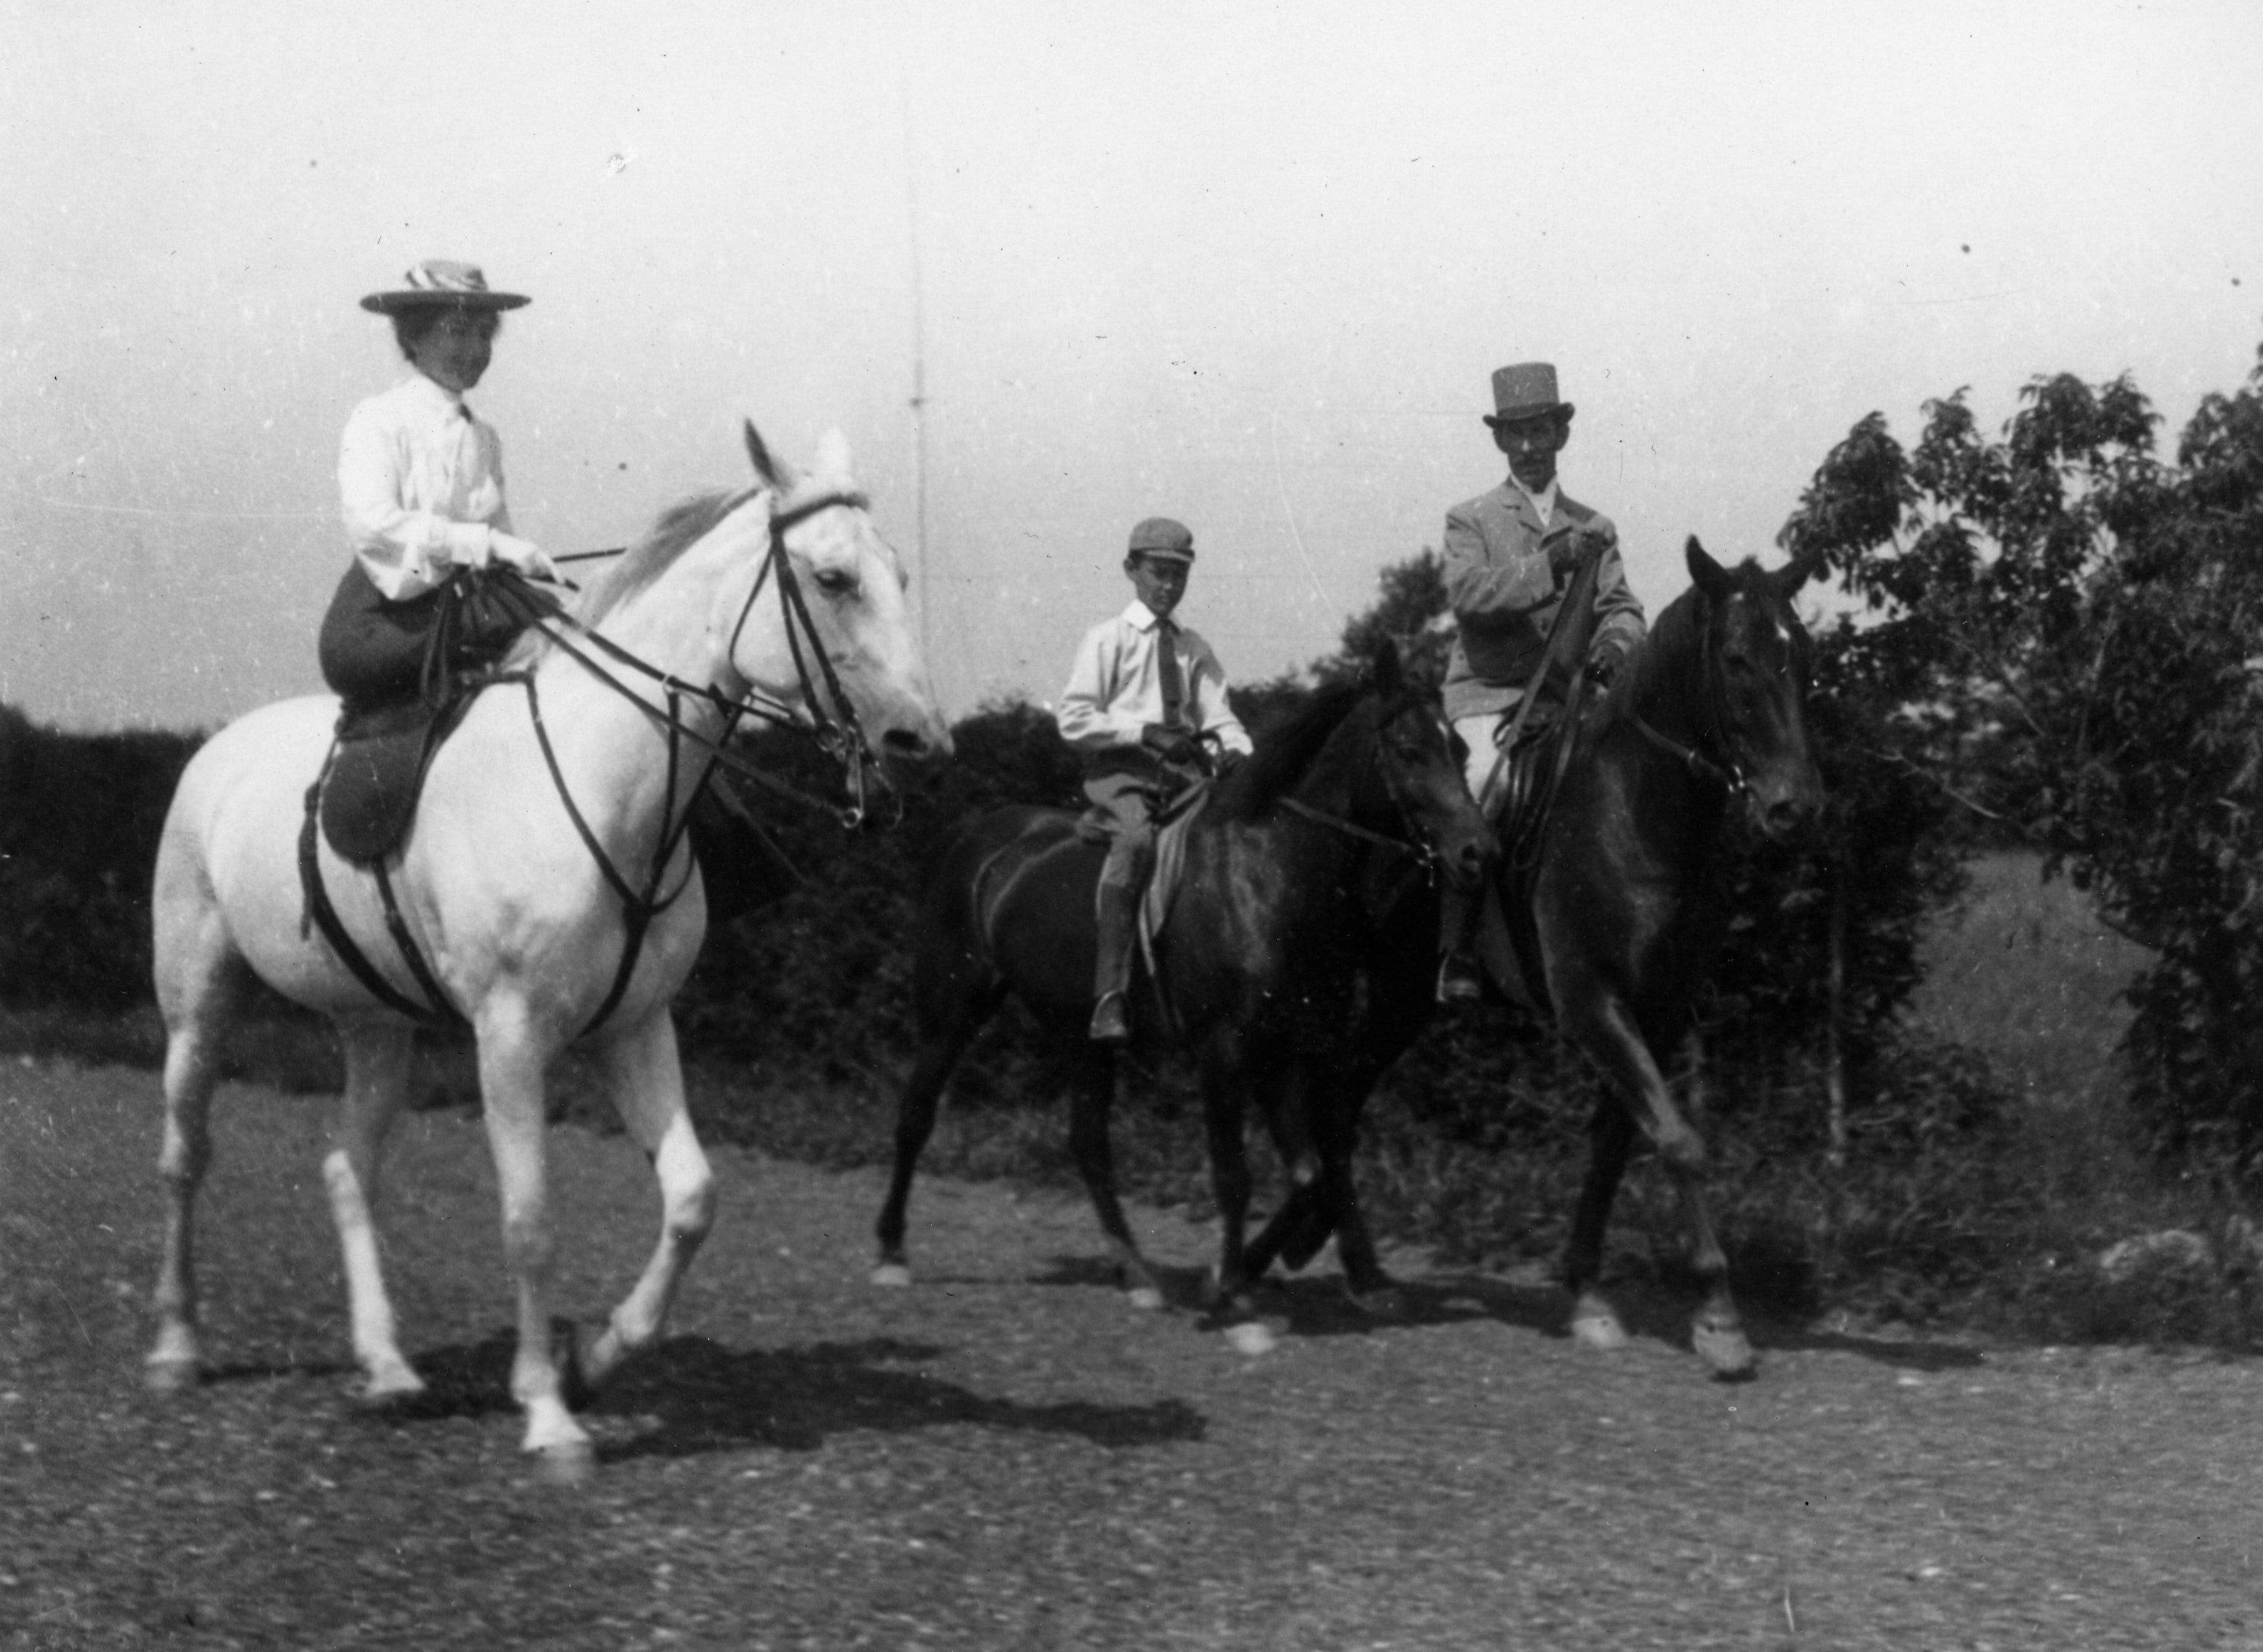 Trois cavaliers très élégants, dont une femme montée en amazone et un enfant, font une balade à cheval.